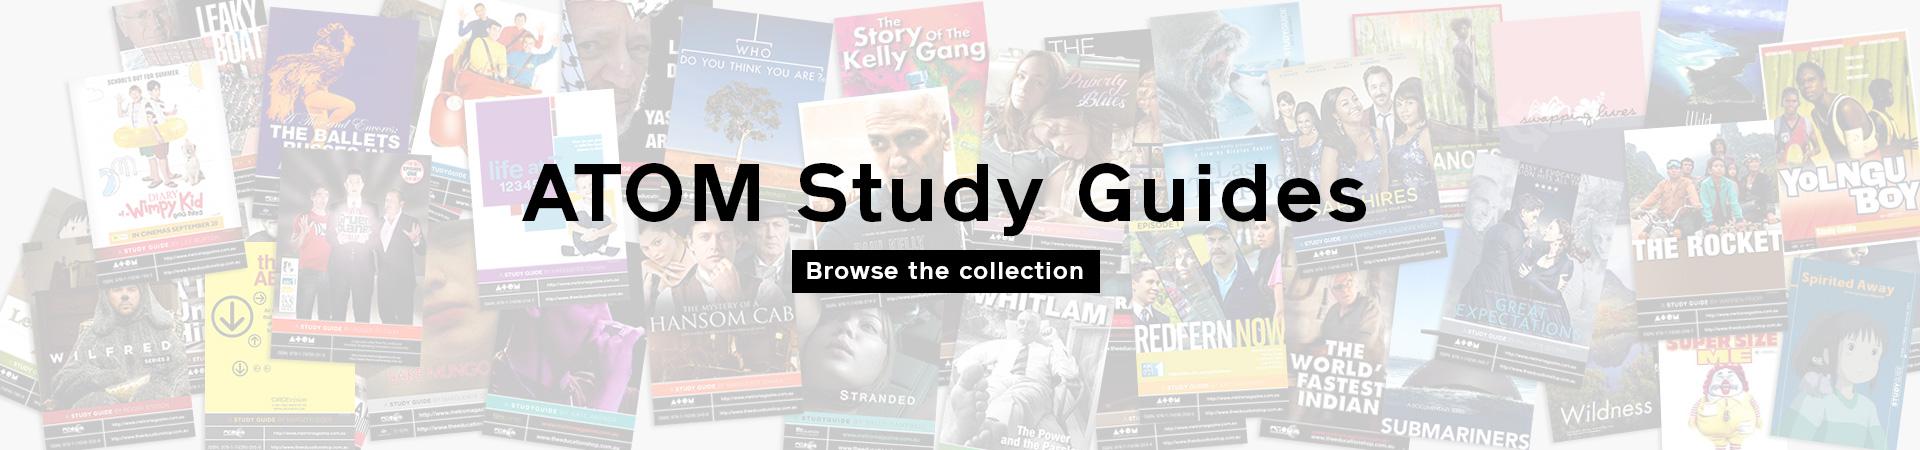 ATOM Study Guides